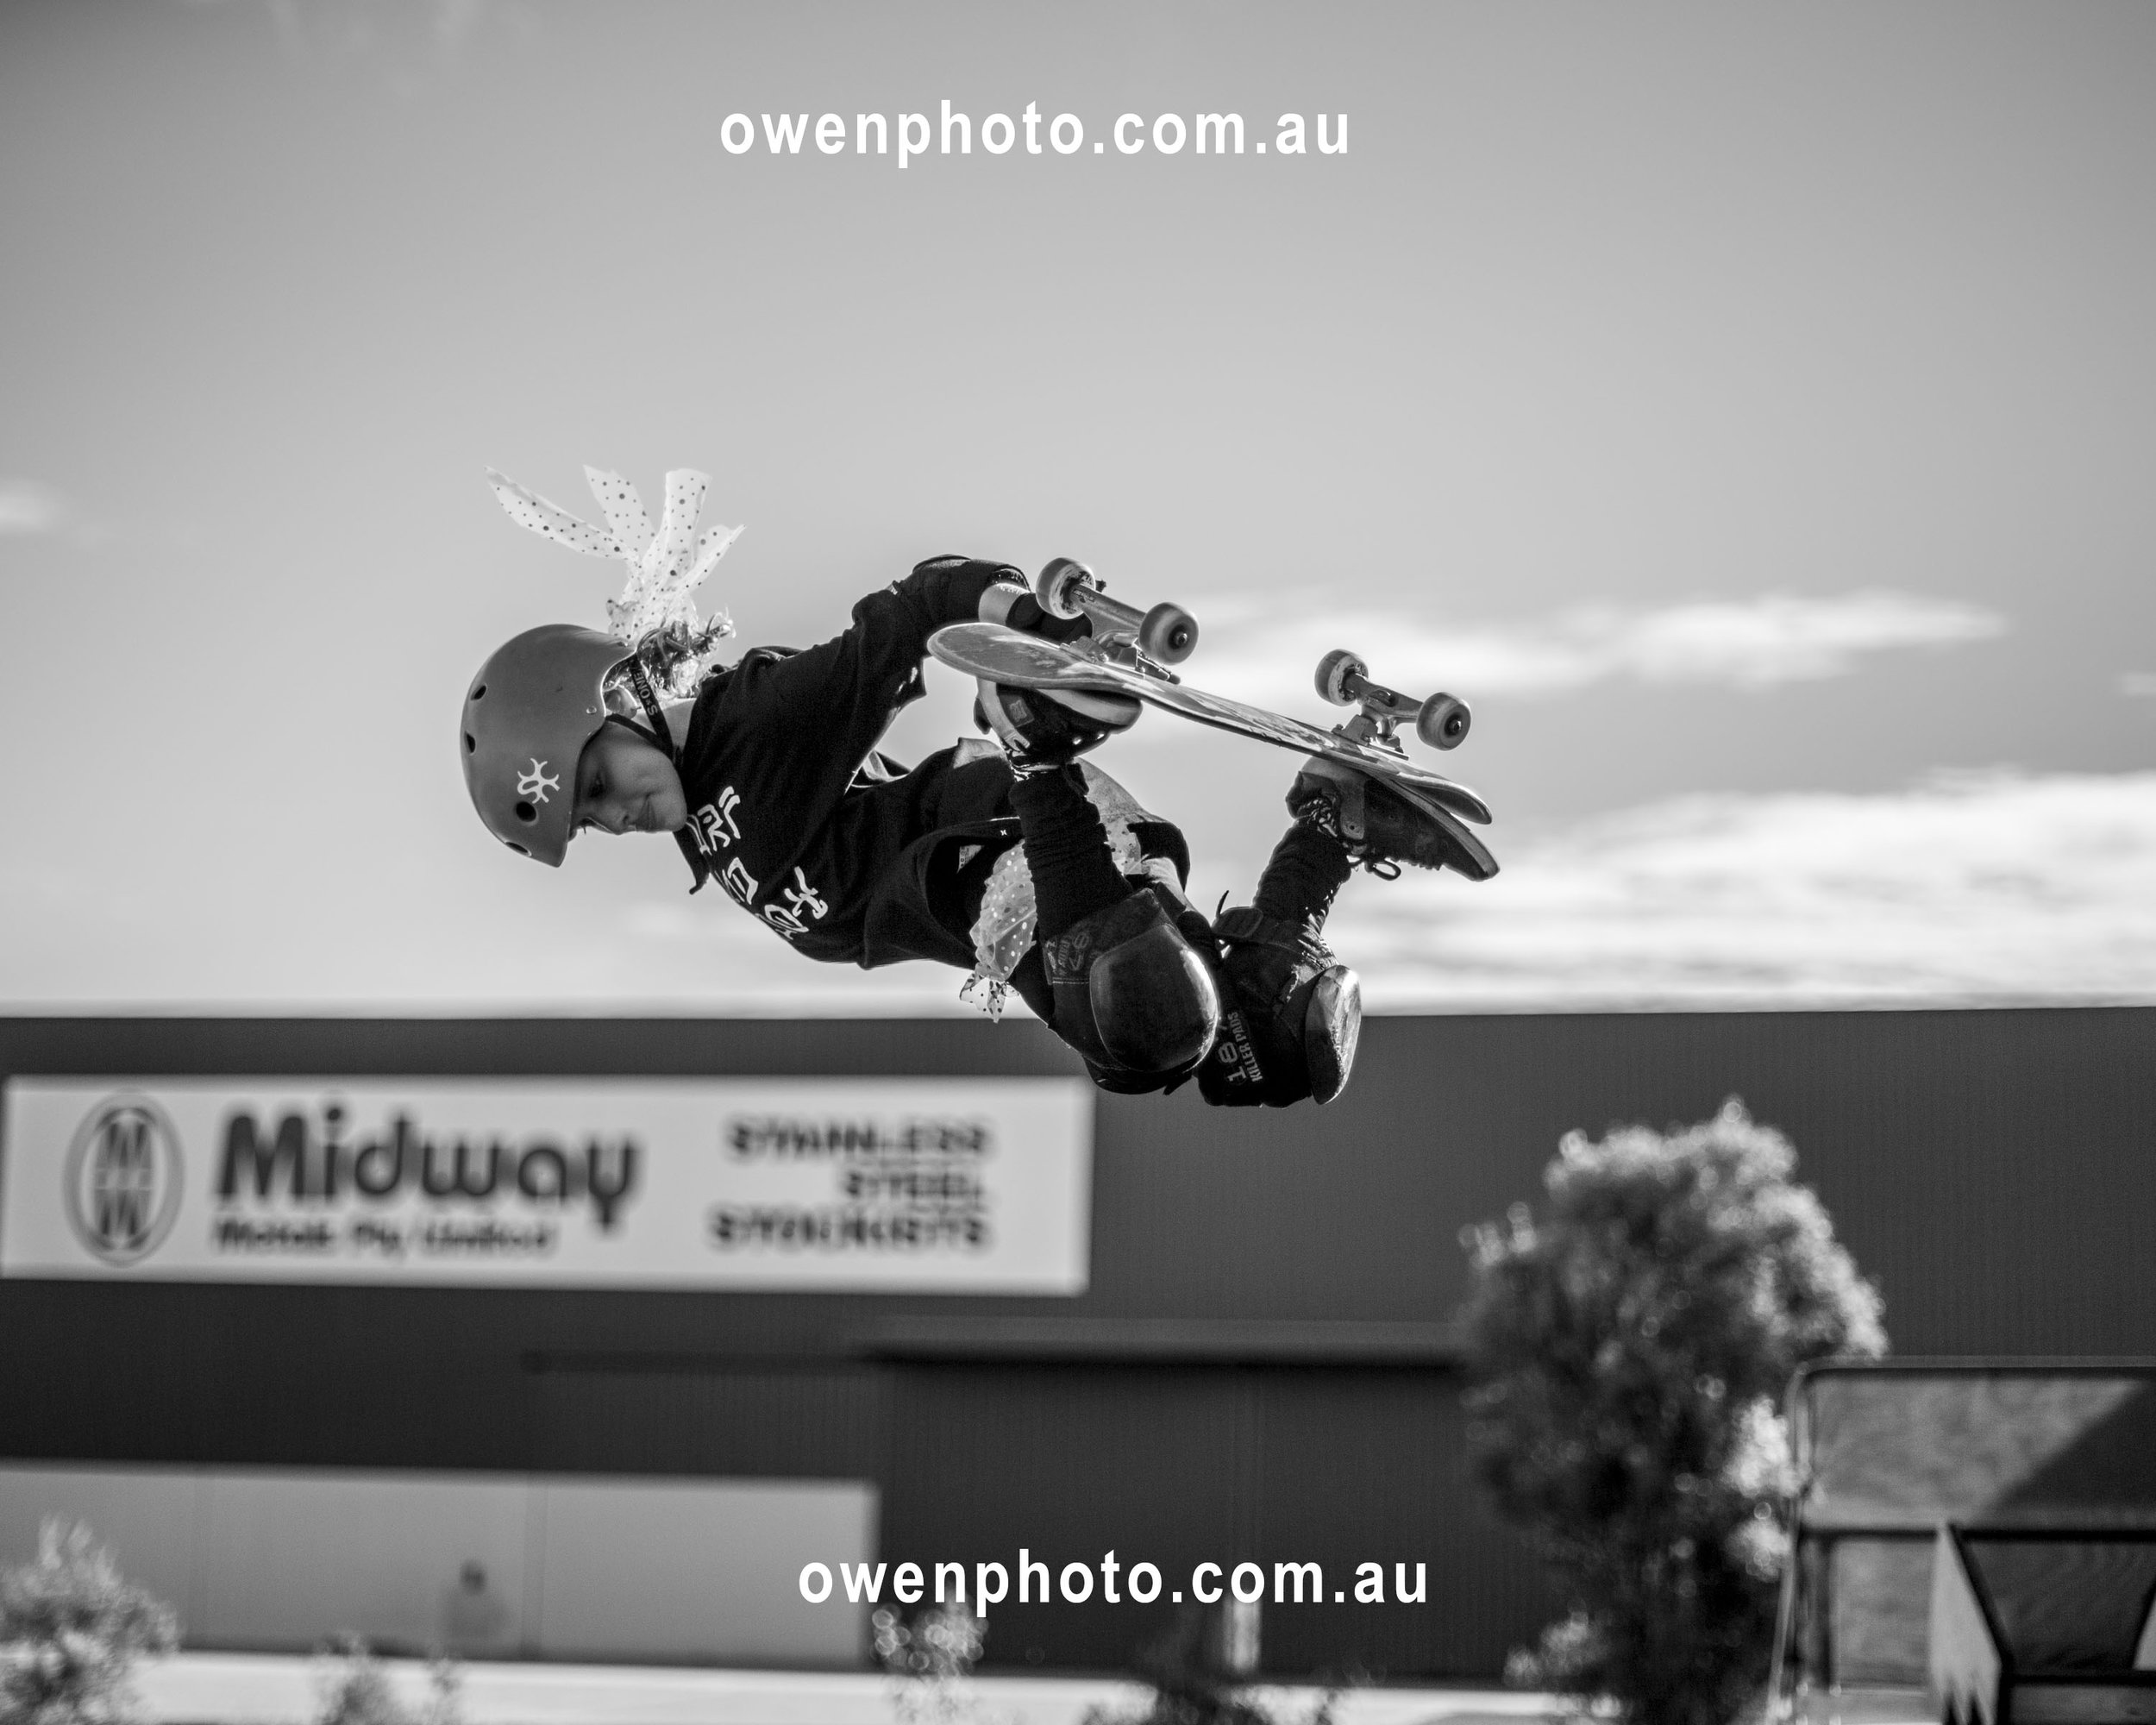 Sabre Norris skateboarding - ,Ellen Show, owenphoto.com.au